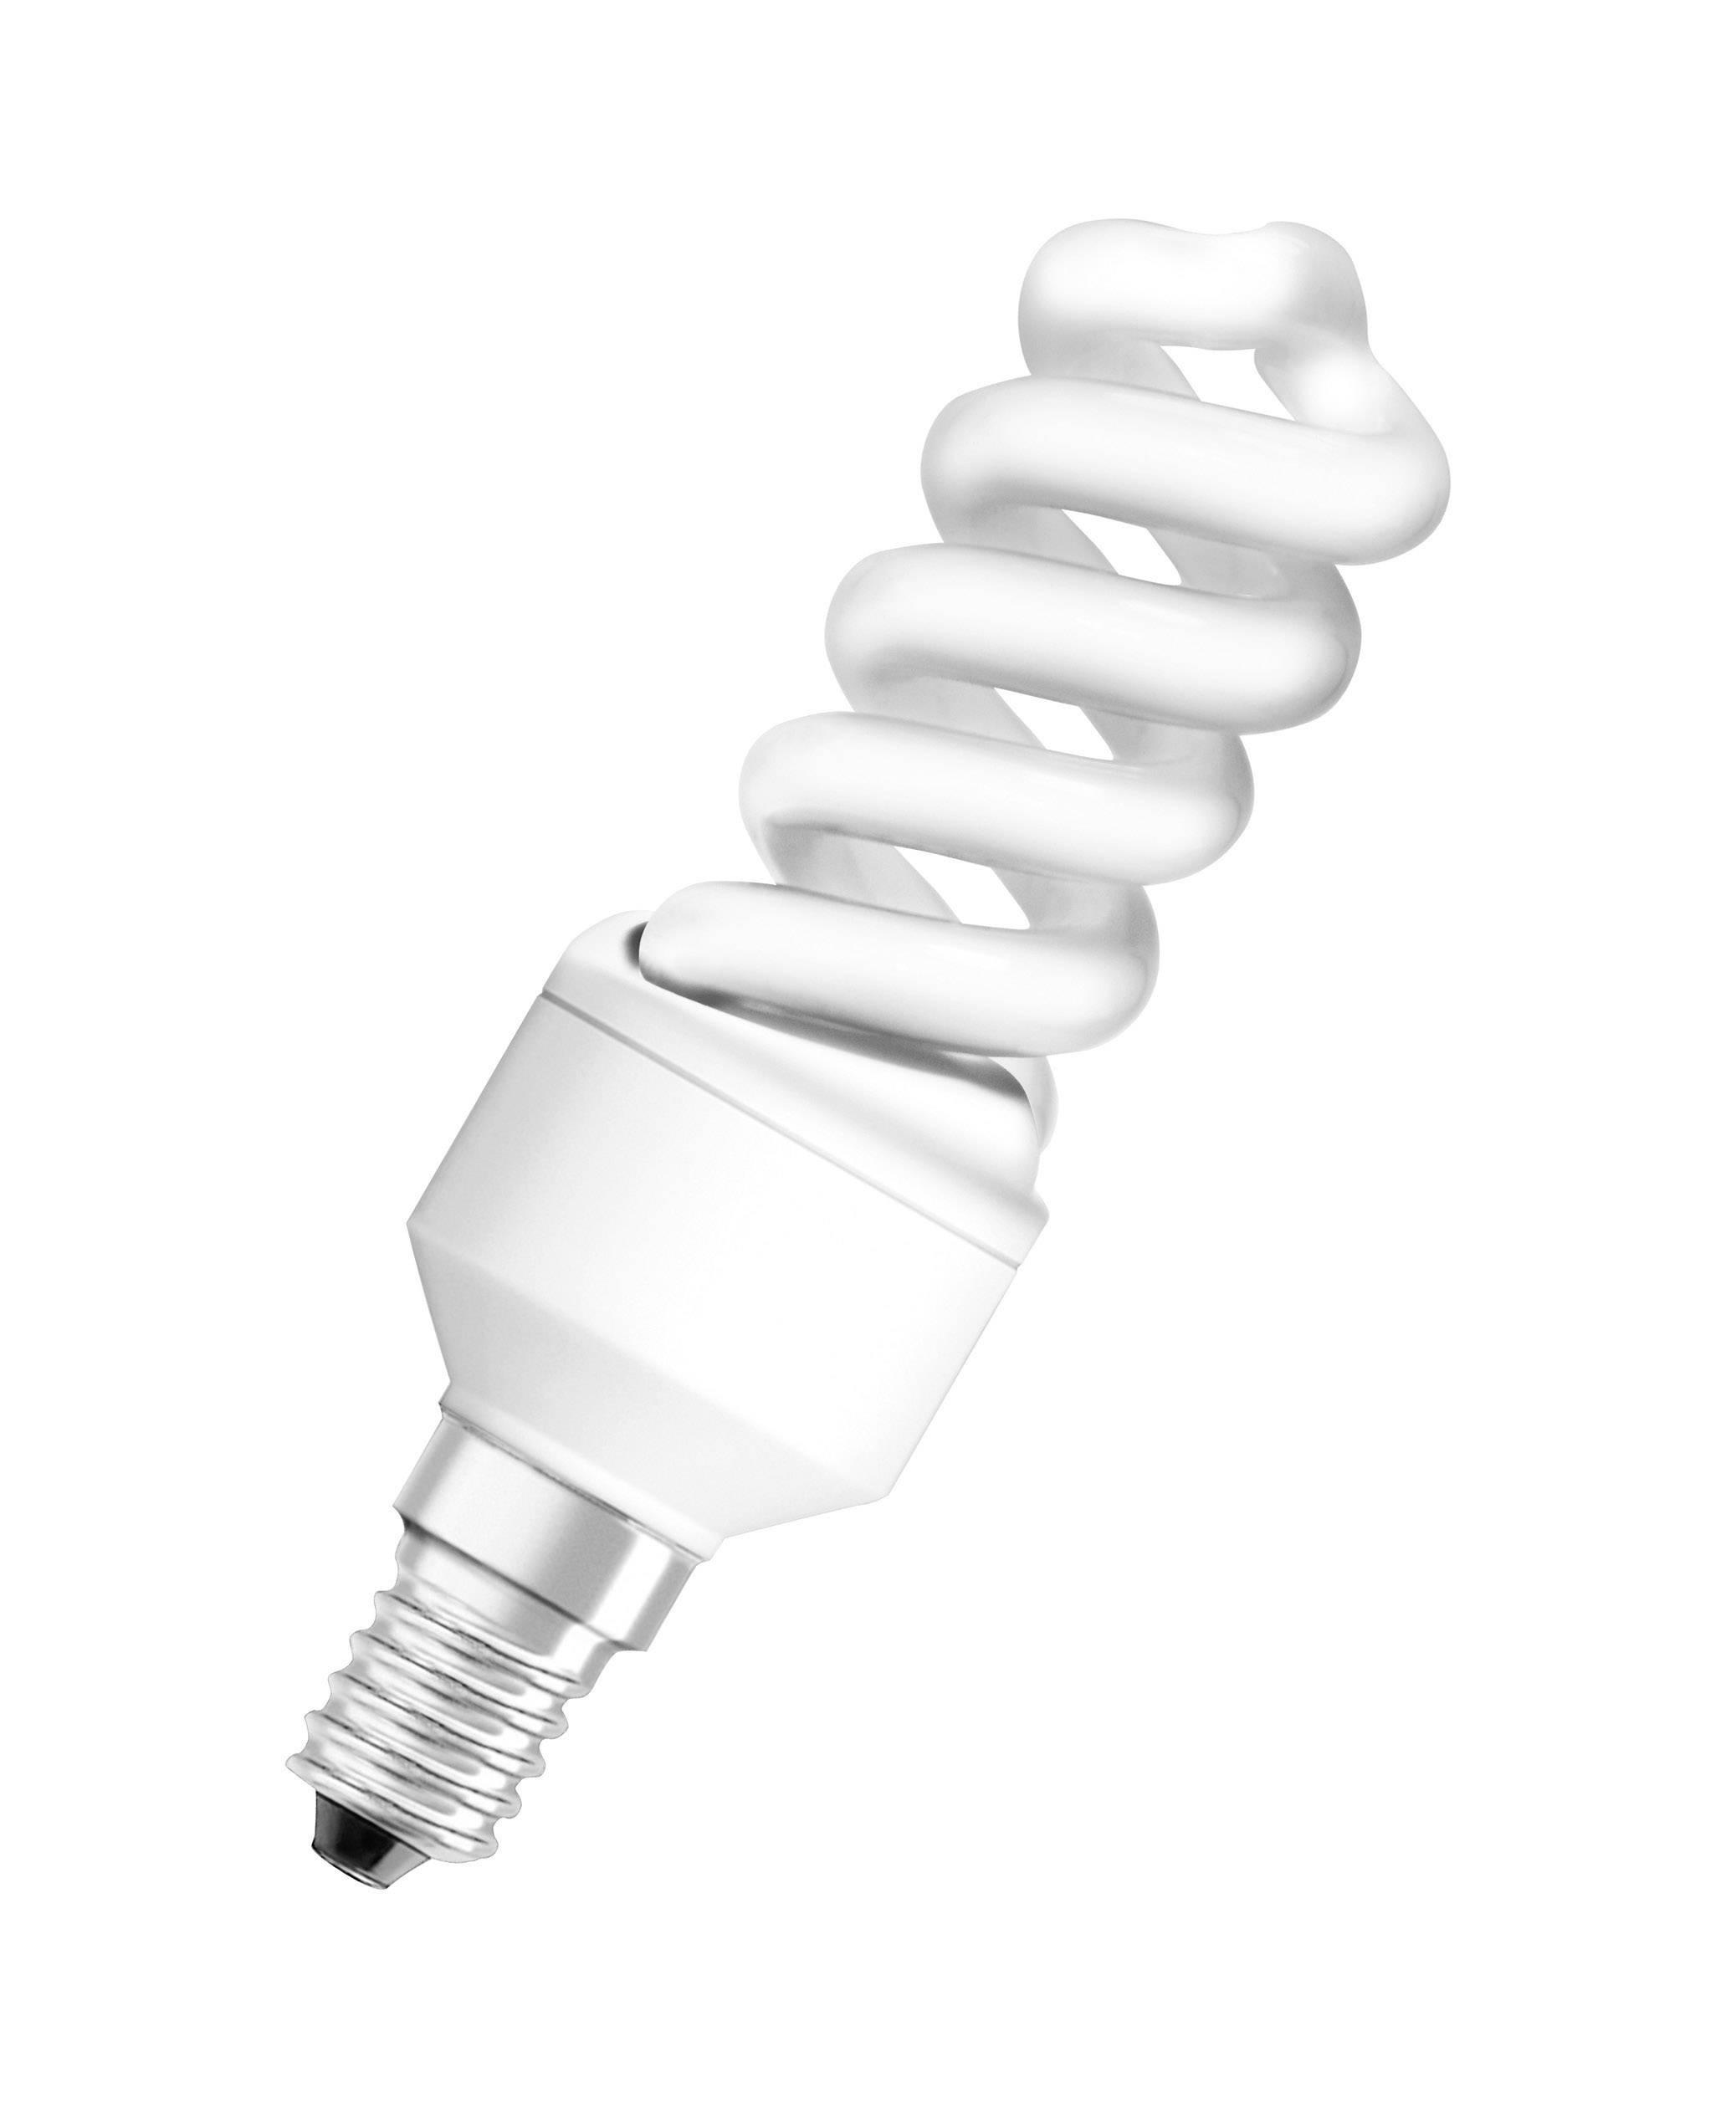 Úsporná žárovka spirálová Osram Superstar Nano Twist E14, 9 W, studená bílá